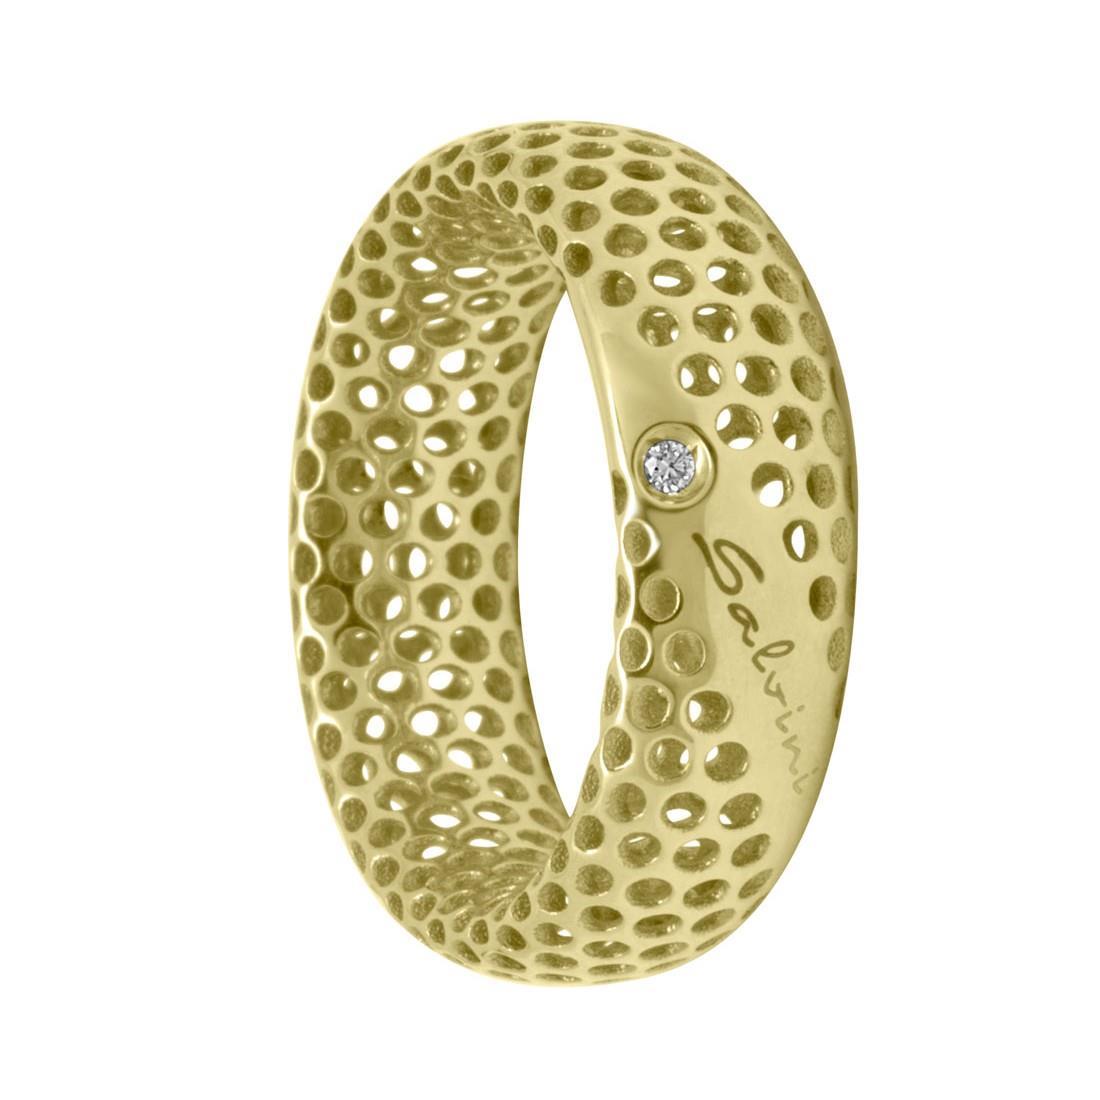 Anello in oro giallo 9 kt e diamante ct 0.01, misura 12 - SALVINI